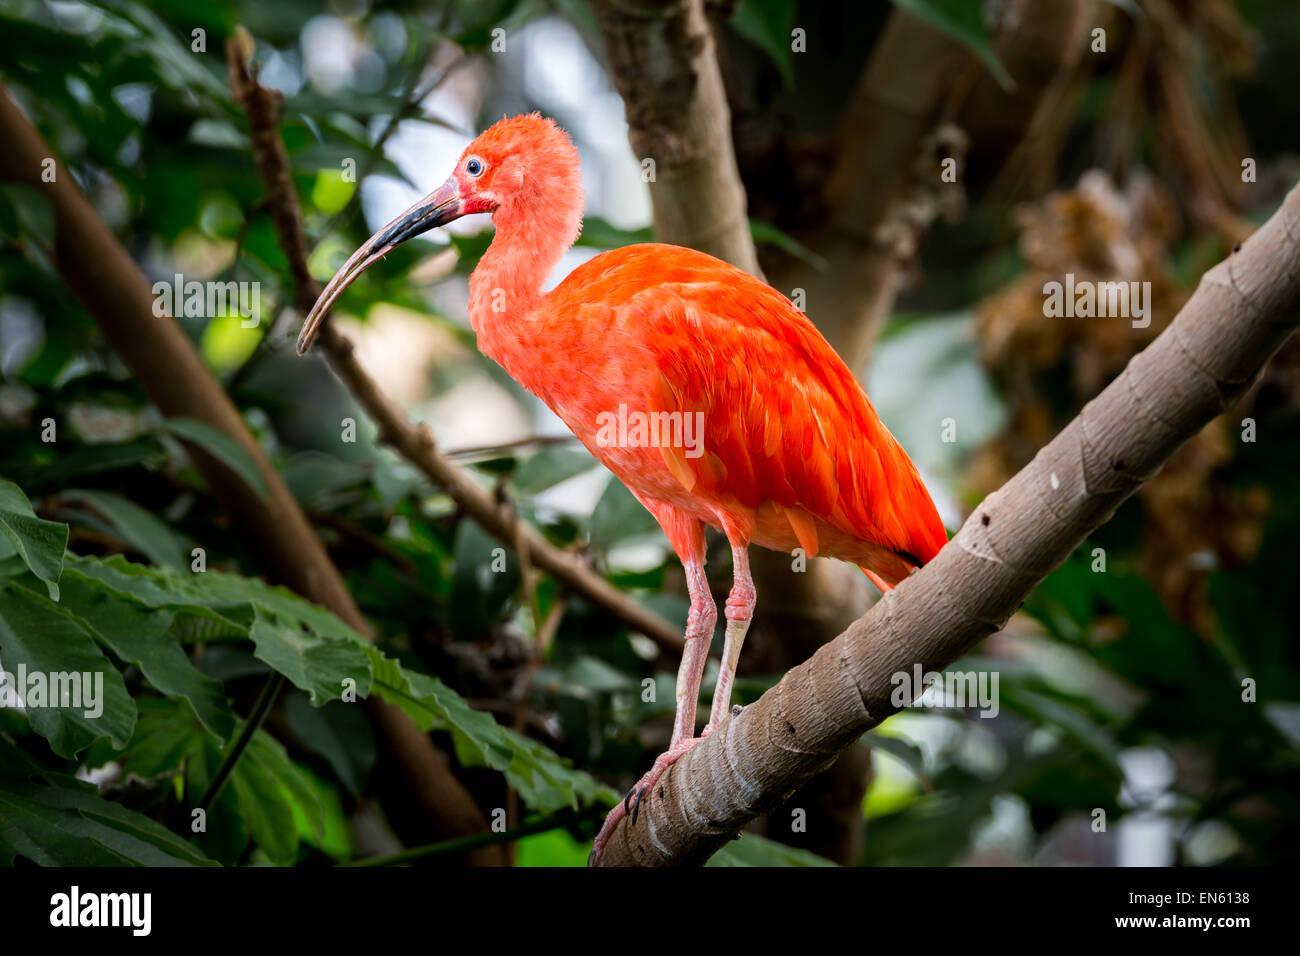 Ibis rouge perché sur une branche de la forêt tropicale. Photo Stock